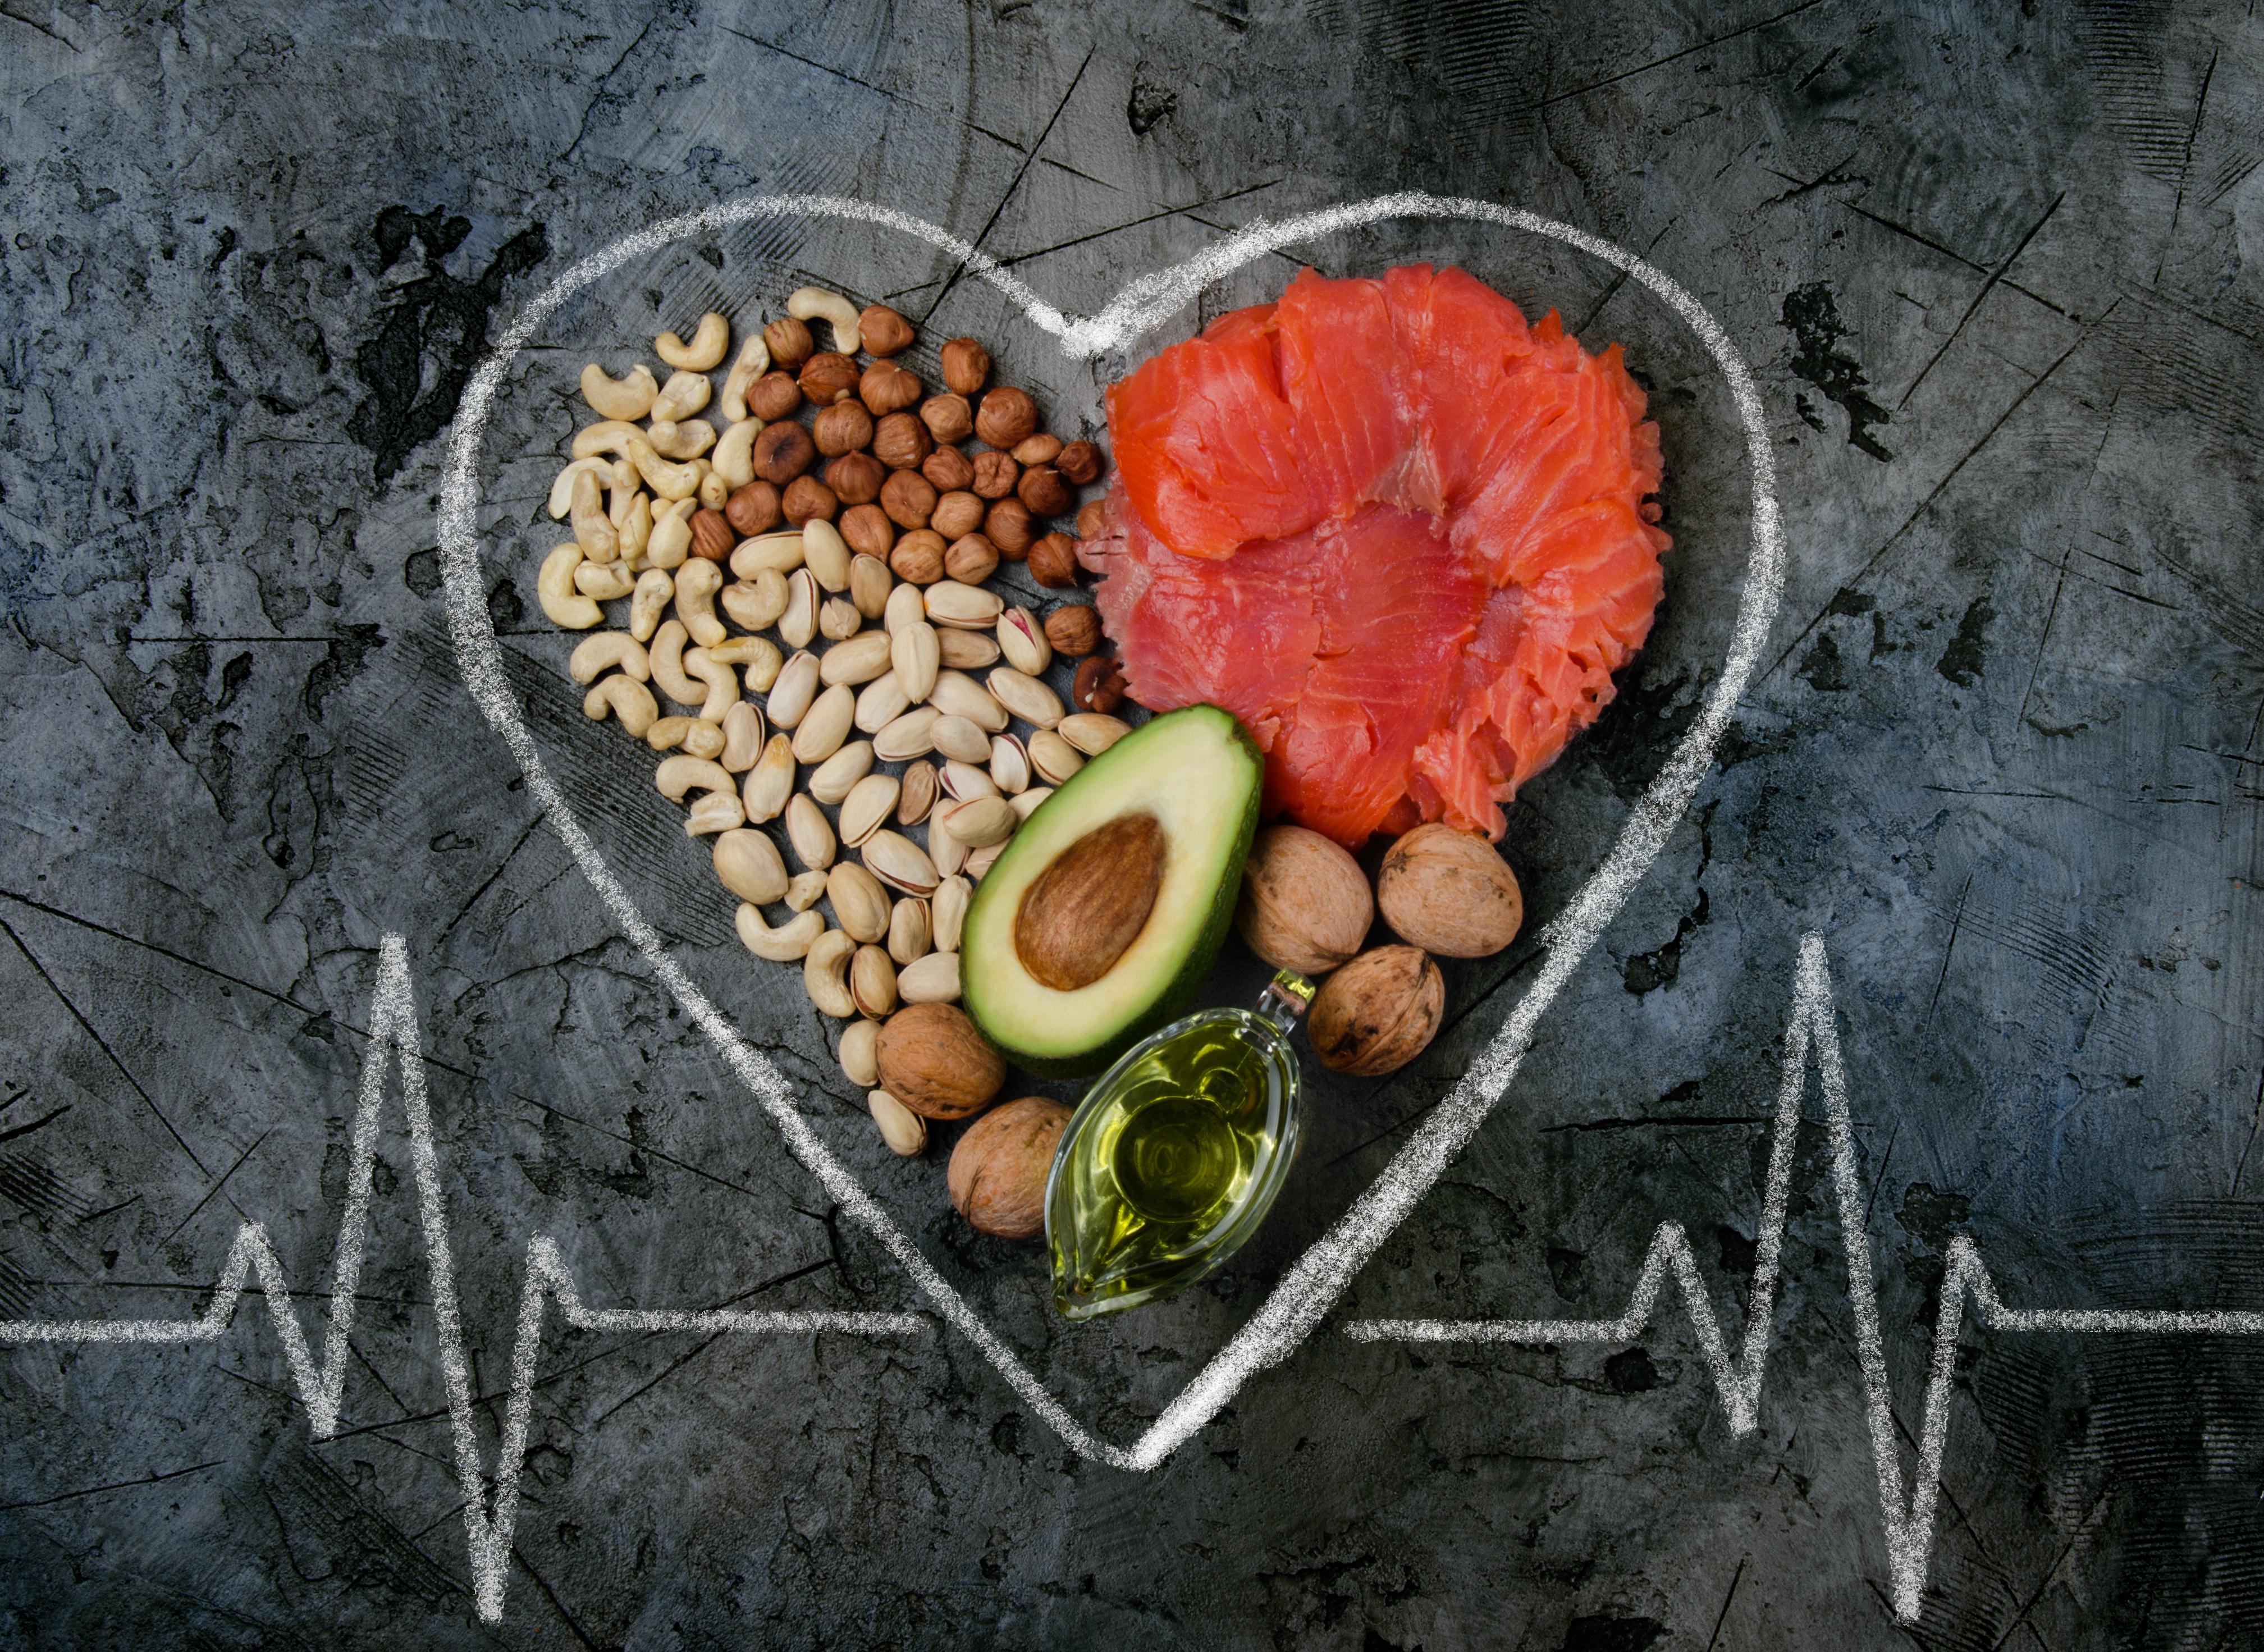 Жиры в продуктах: 5 распространенных мифов о их вреде и пользе. Что гораздо оптимистичнее, чем мы думали!